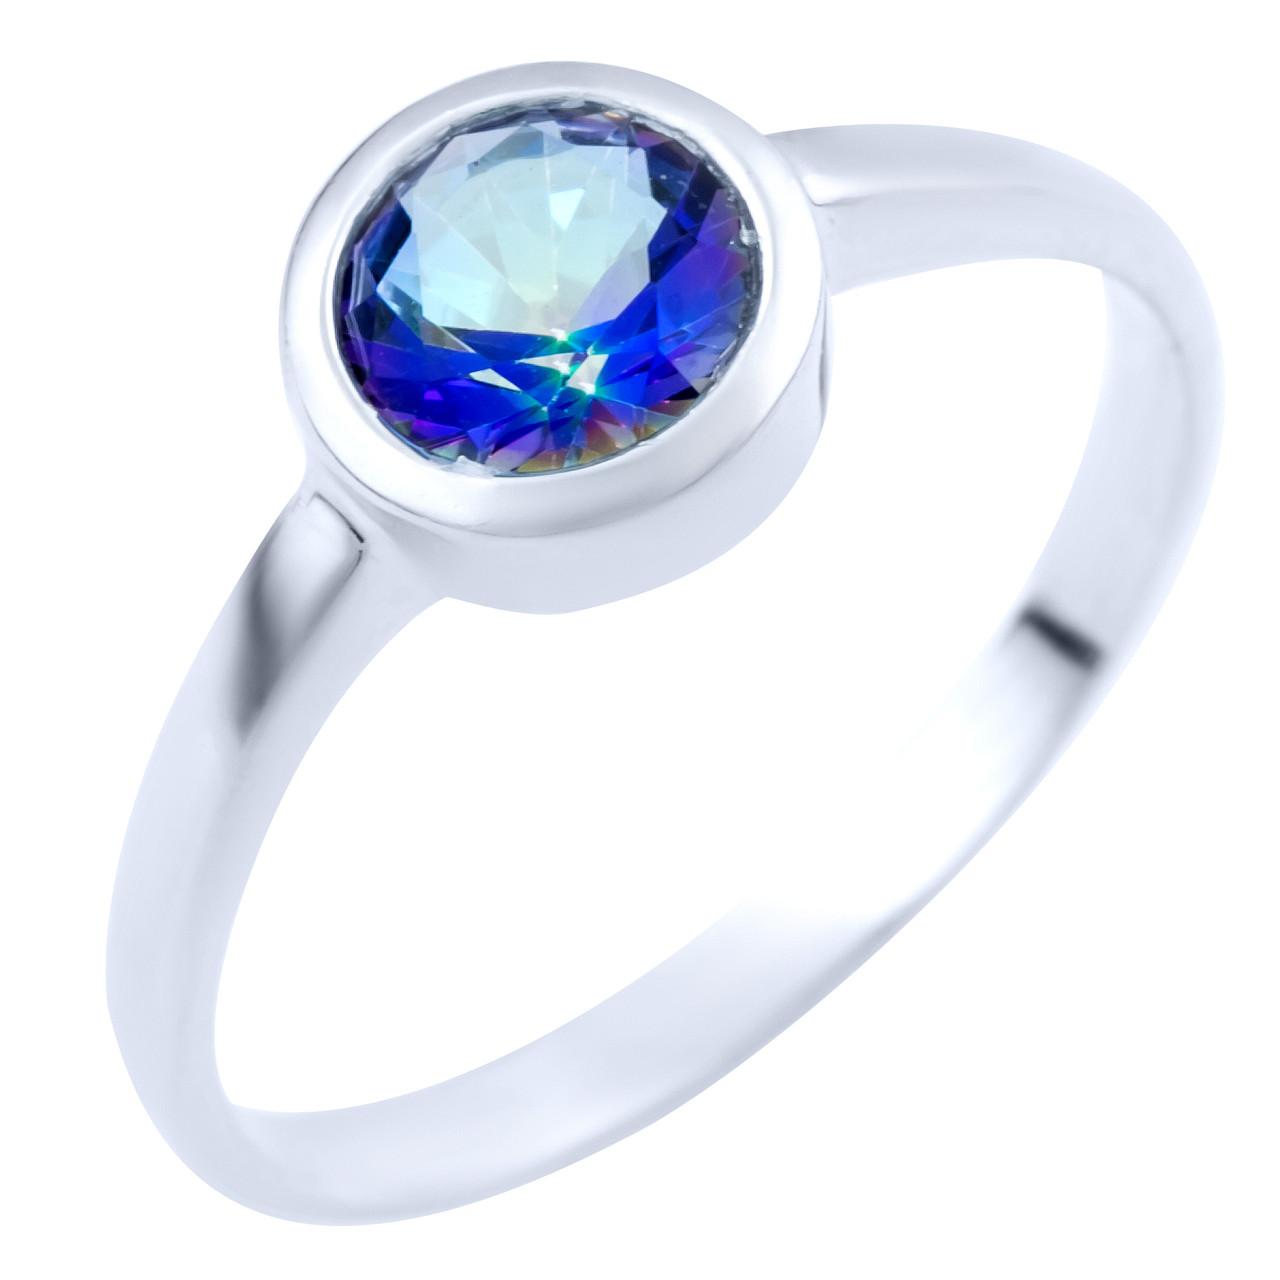 Серебряное кольцо DreamJewelry с натуральным мистик топазом 0.613ct (1838013) 18 размер